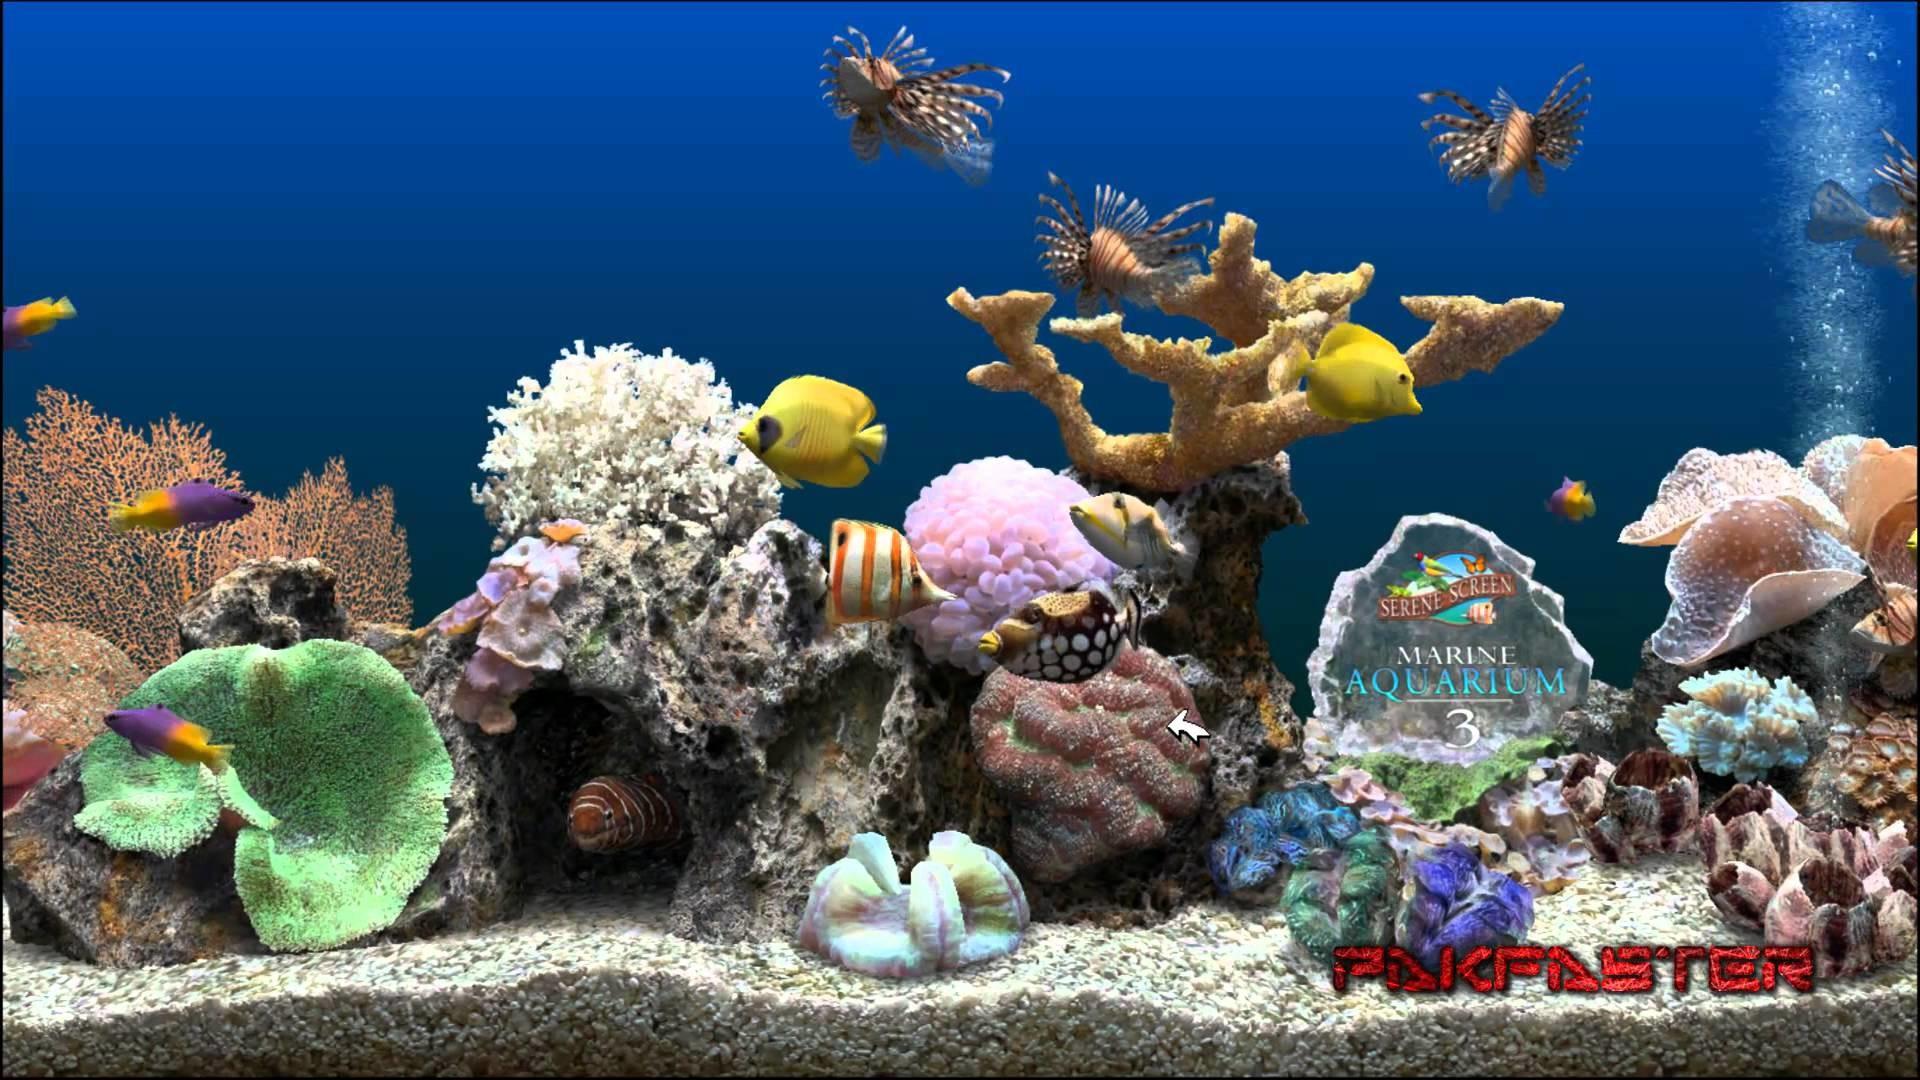 Animated Aquarium Wallpaper For Pc : Usmc wallpapers and screensavers  wallpapersafari